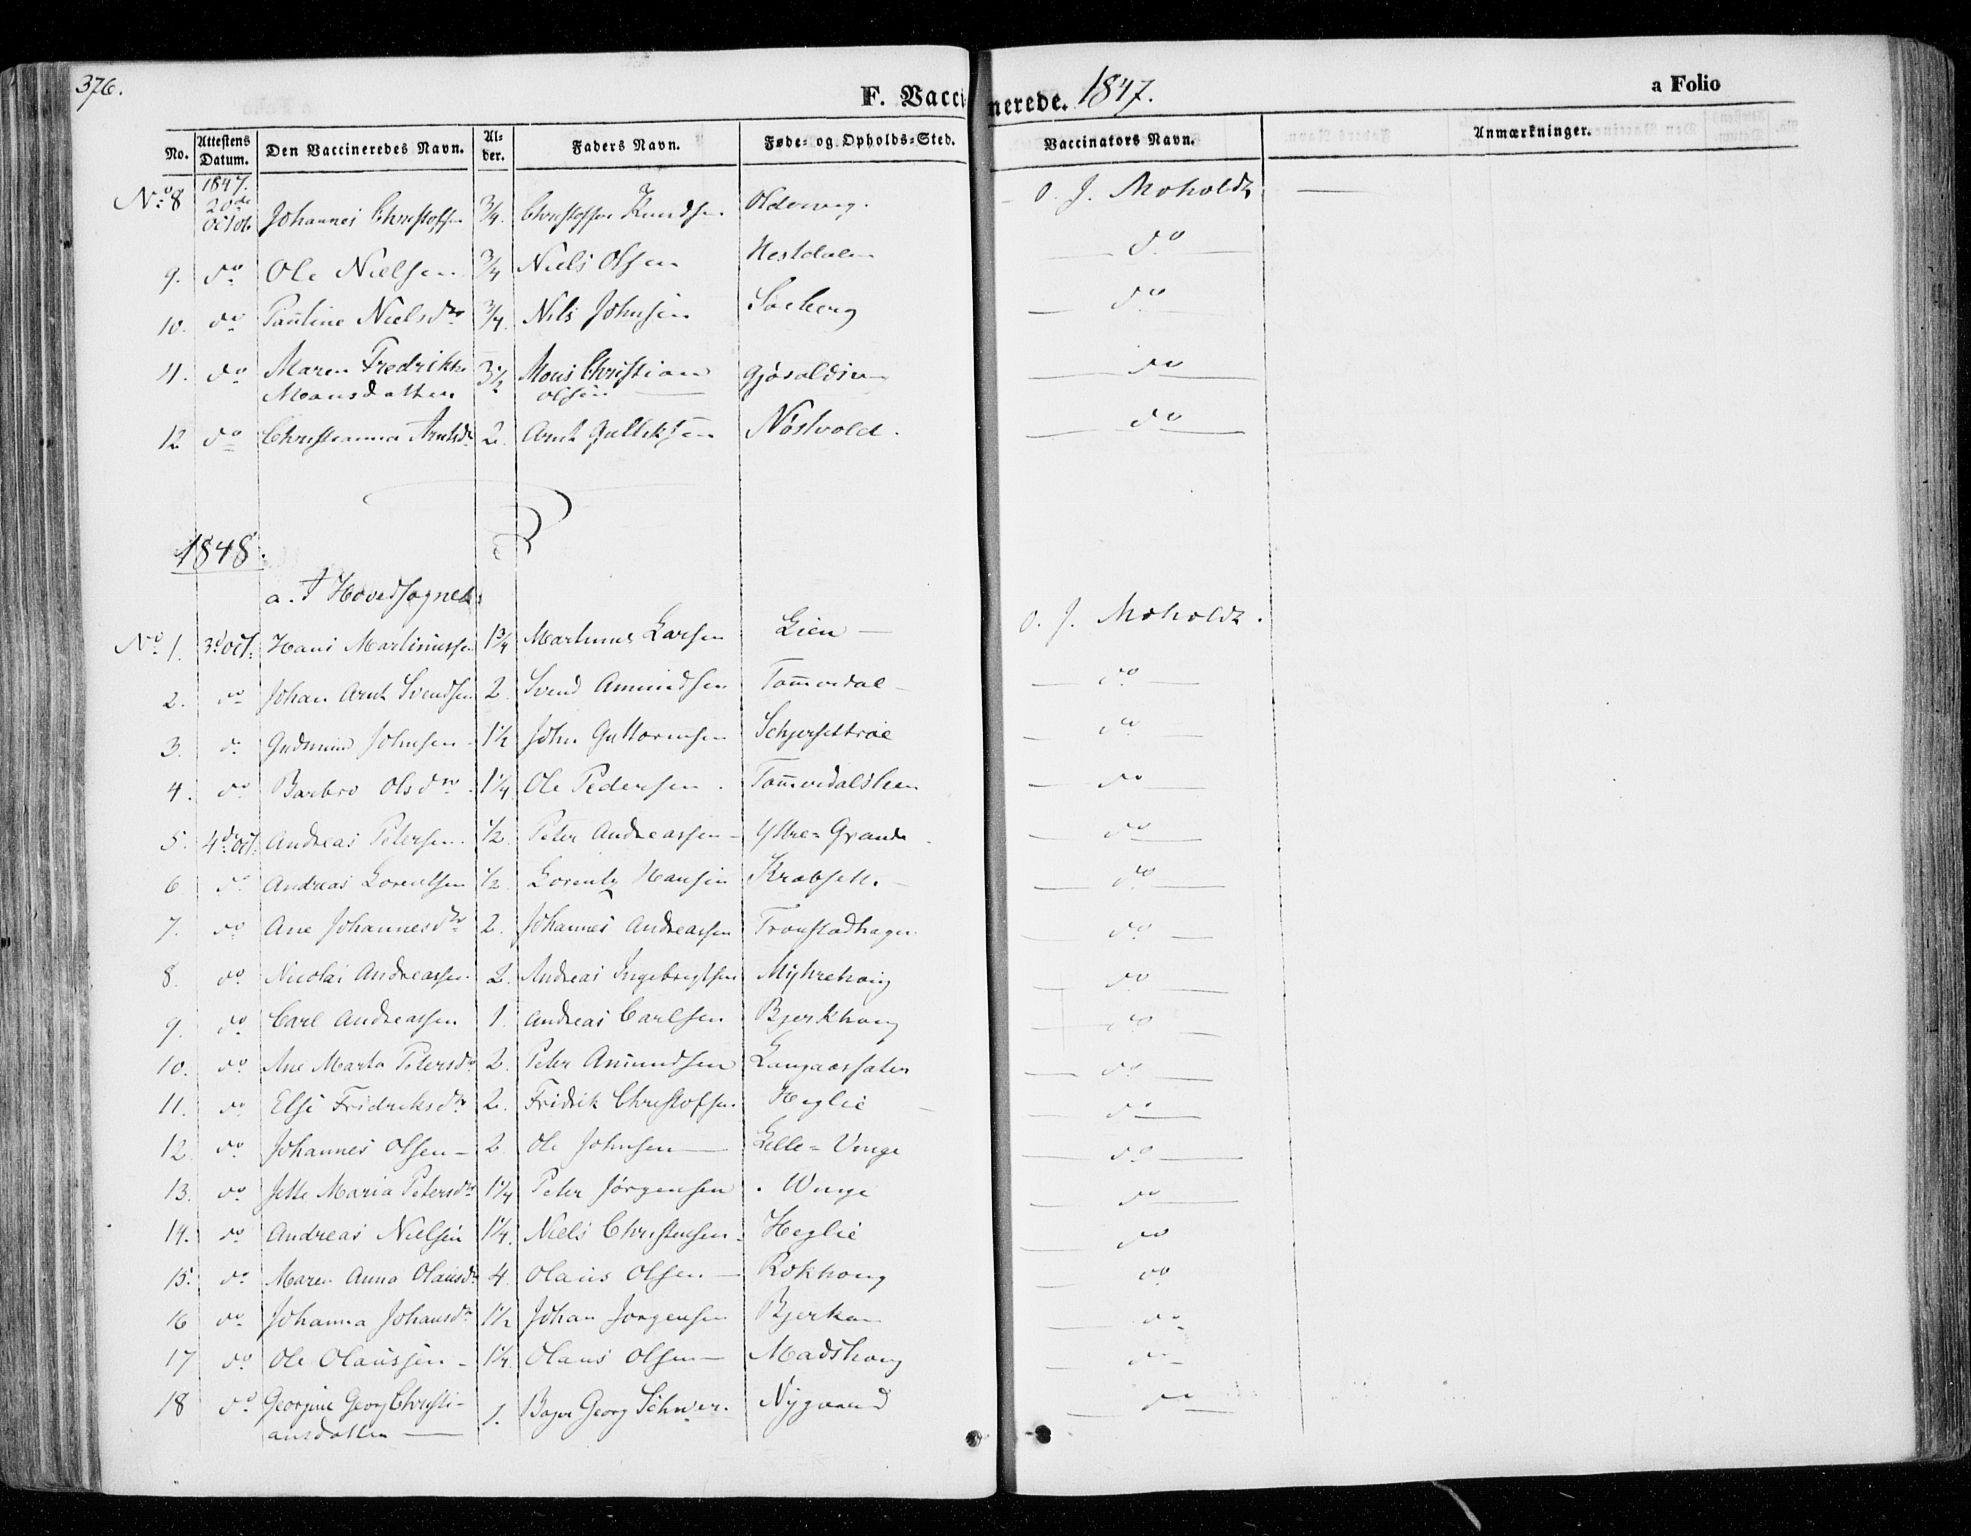 SAT, Ministerialprotokoller, klokkerbøker og fødselsregistre - Nord-Trøndelag, 701/L0007: Ministerialbok nr. 701A07 /1, 1842-1854, s. 376